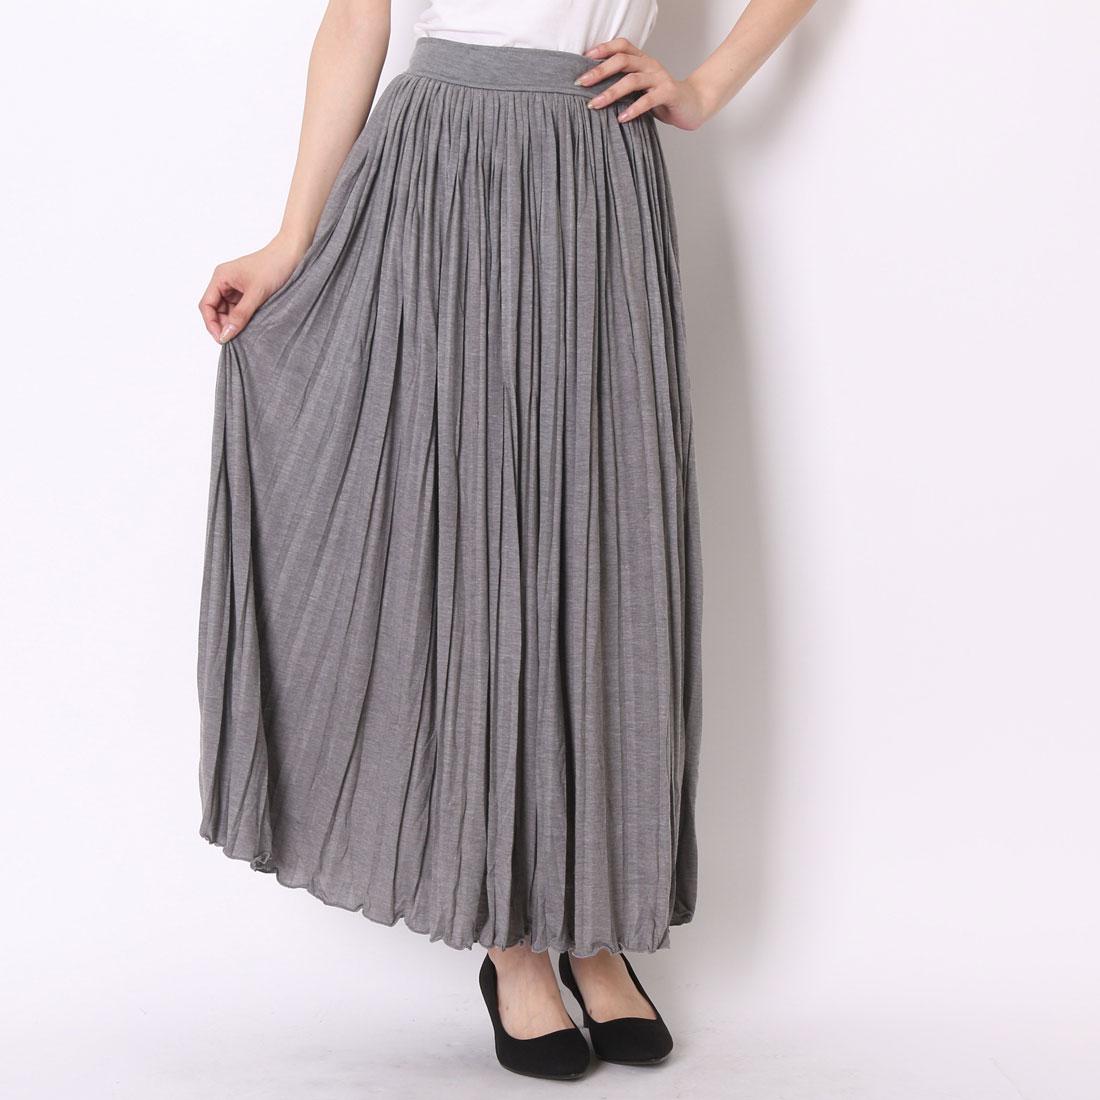 「スカートってどんな種類があるの?」スカートまとめました ...